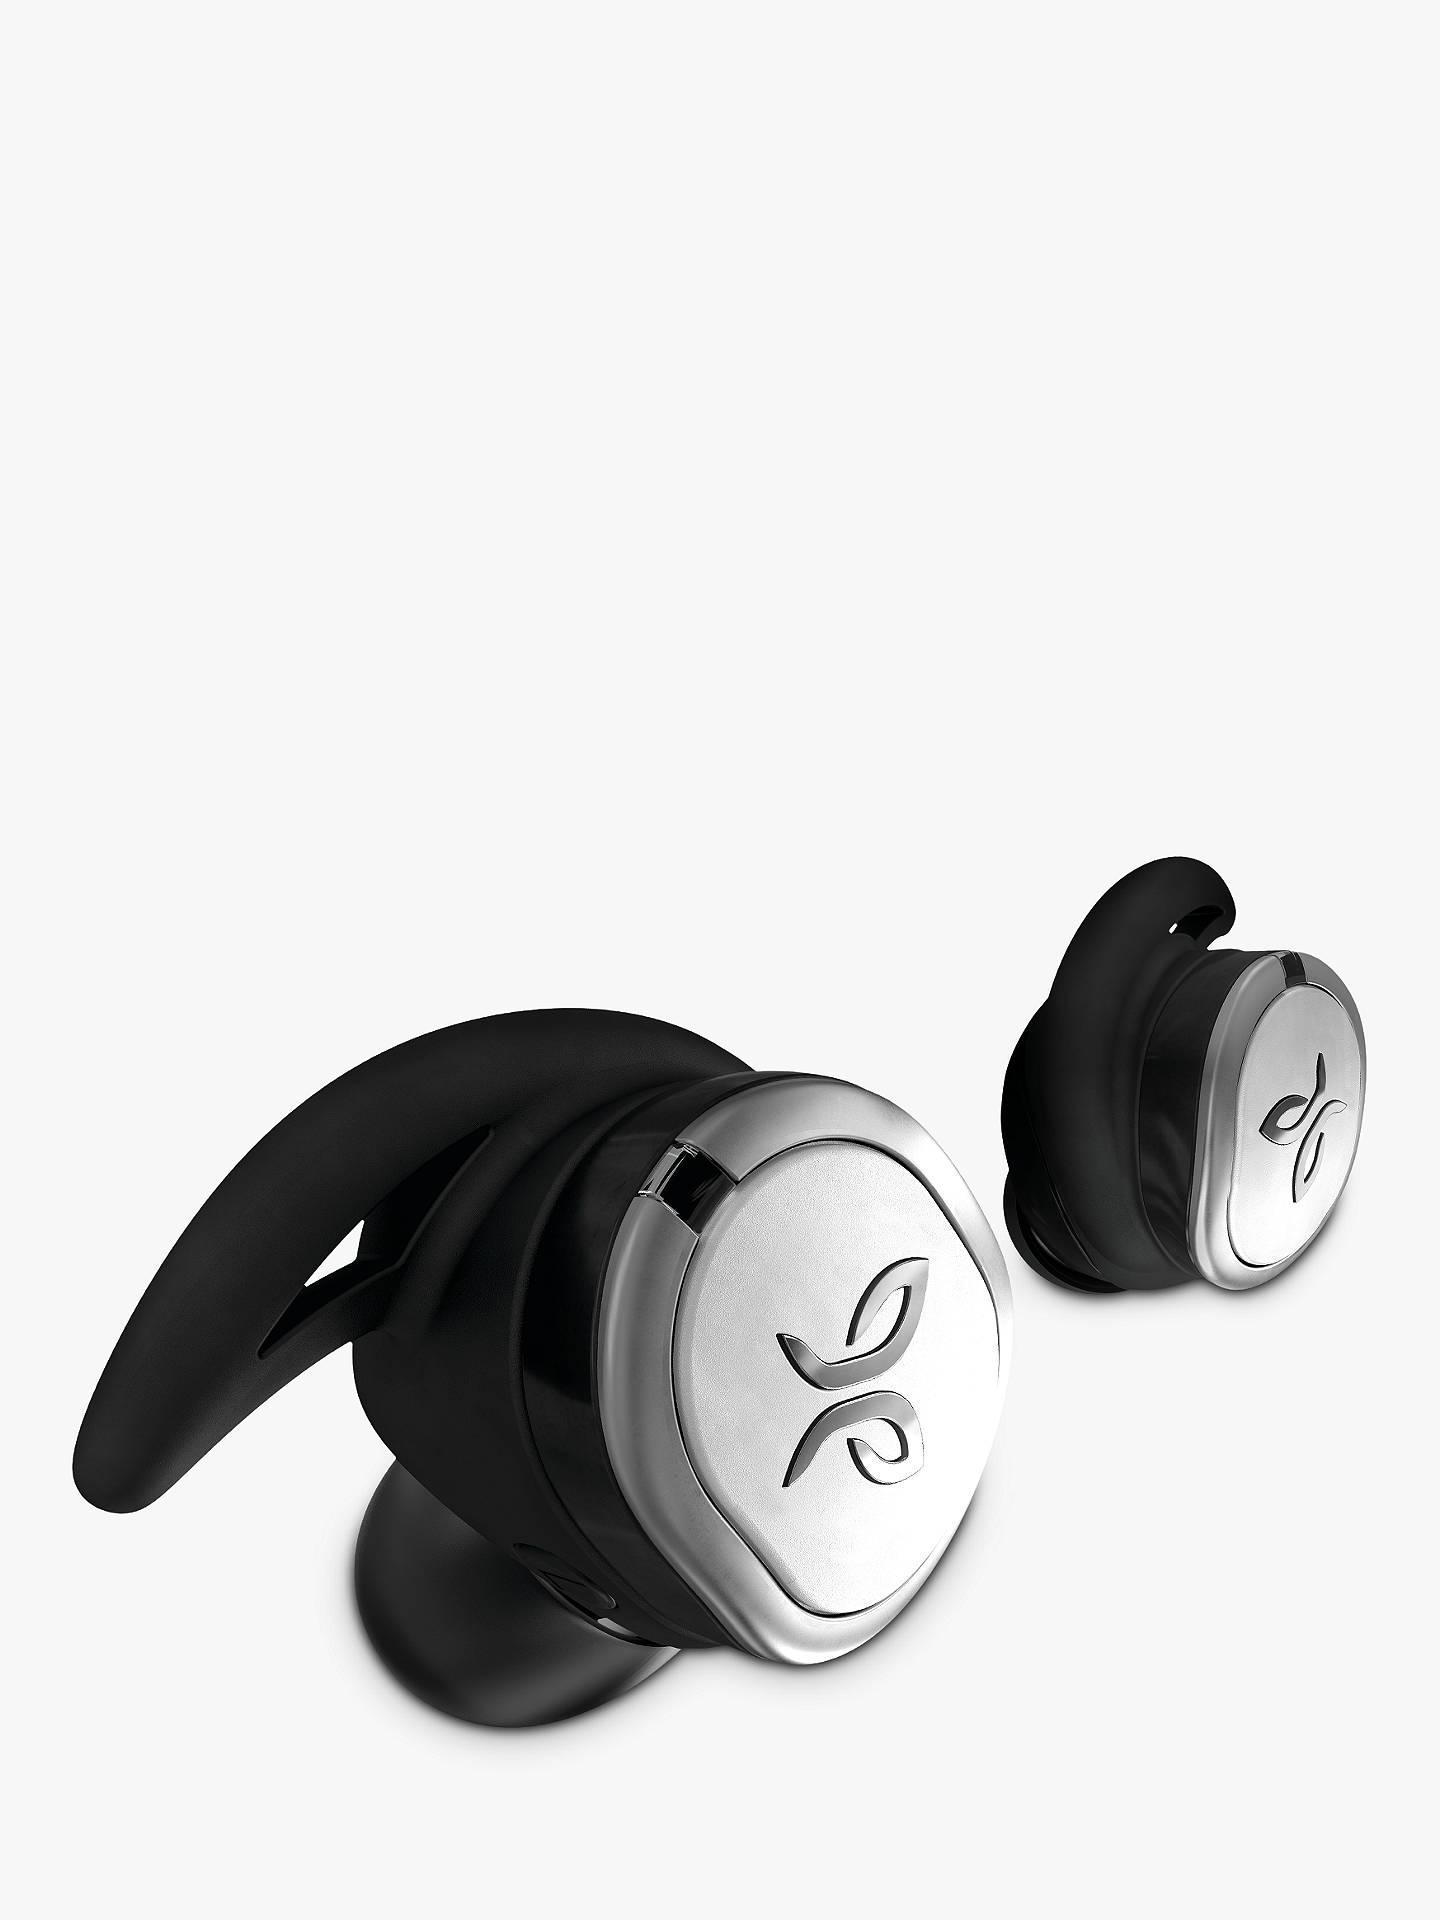 c7669eaeebd Buy Jaybird RUN True Wireless Sweat & Weather-Resistant Bluetooth In-Ear  Headphones with ...